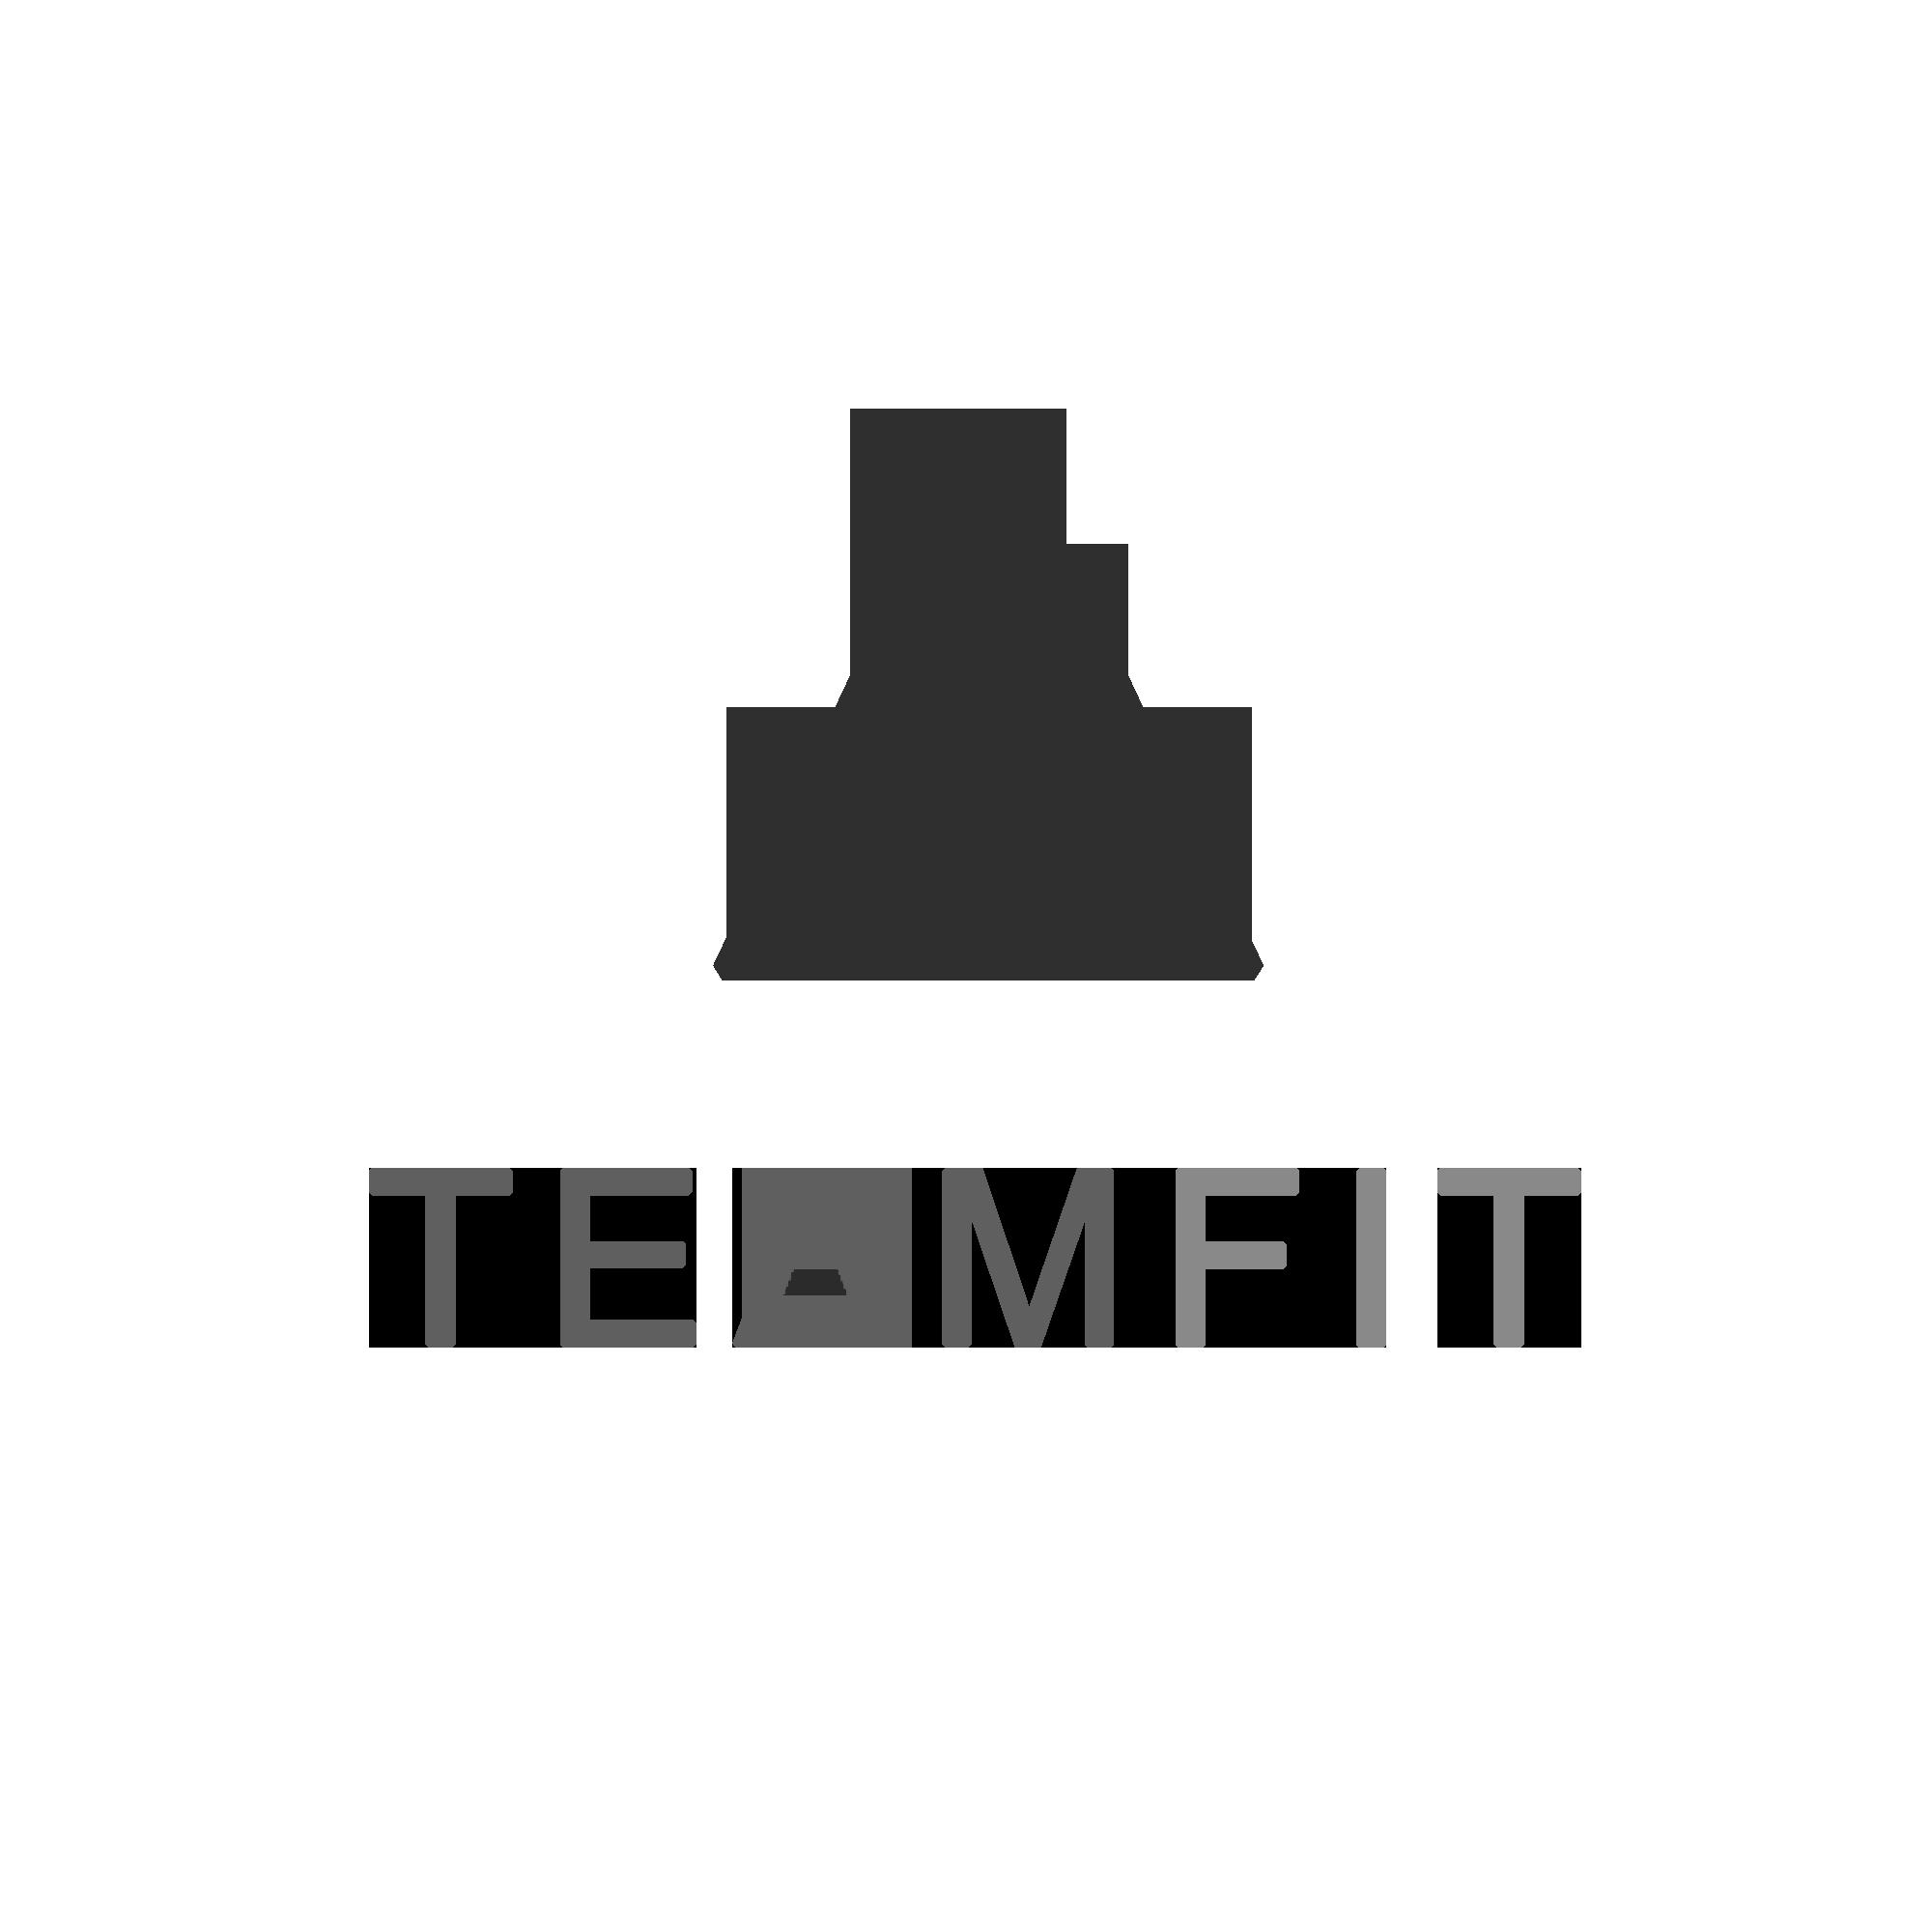 teamfit logo